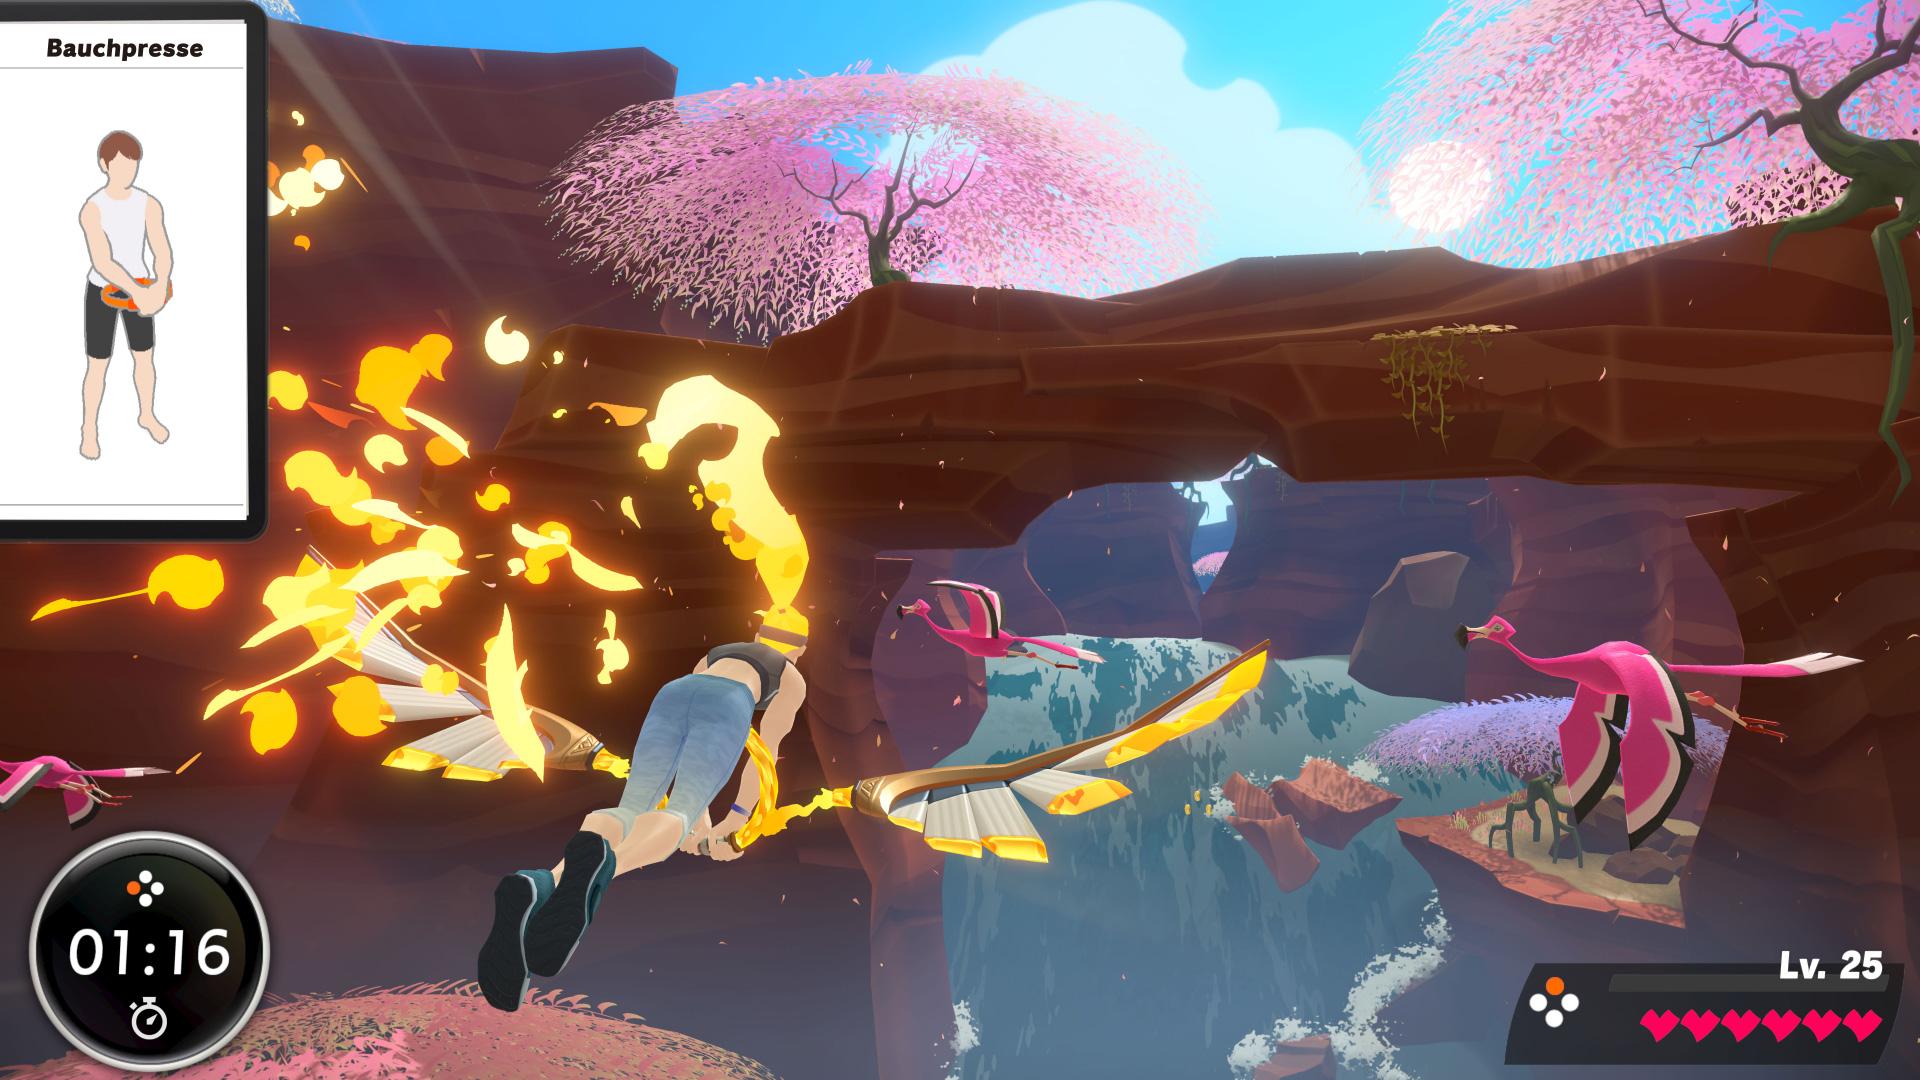 Zum Fliegen und Schweben spreizt beziehungsweise komprimiert der Spieler den Ring.